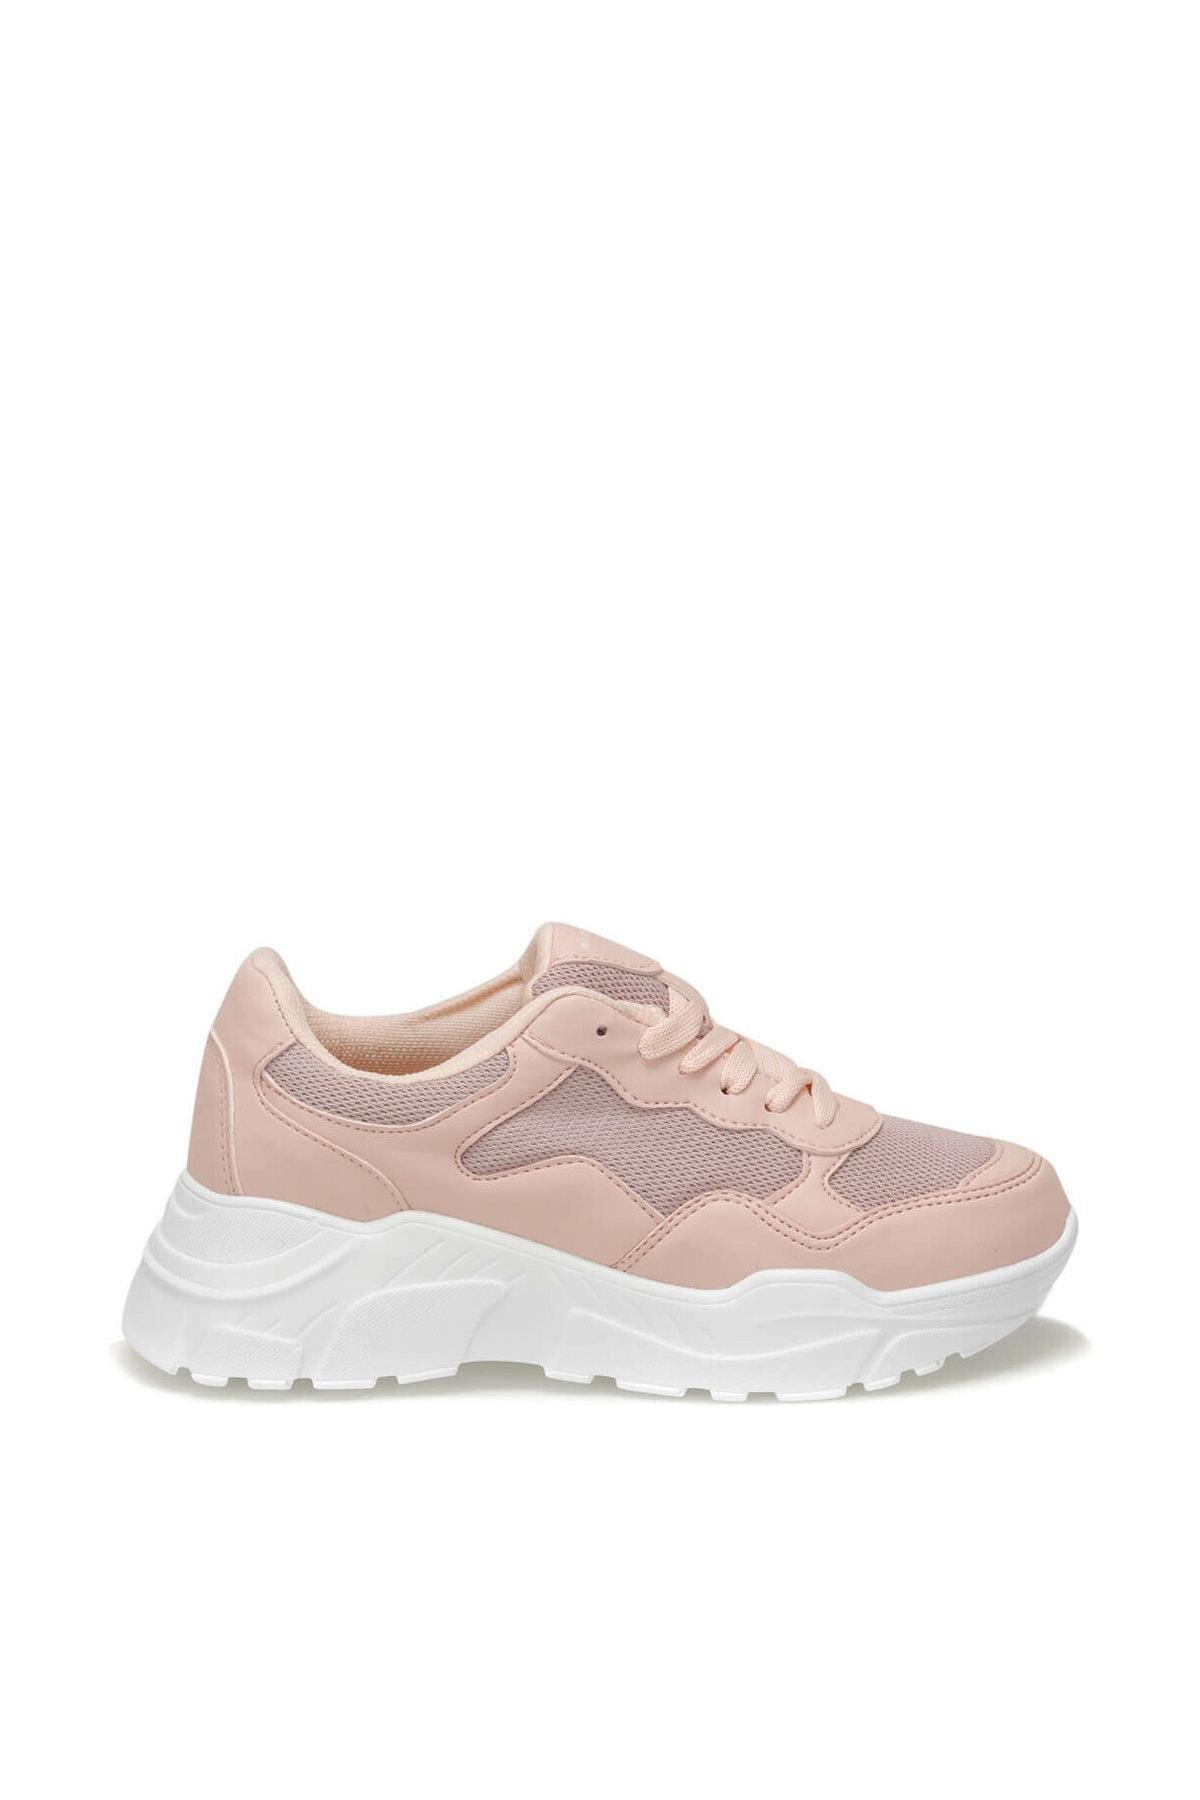 Kinetix BAMBA 9PR Pembe Kadın Ayakkabı 100418786 2